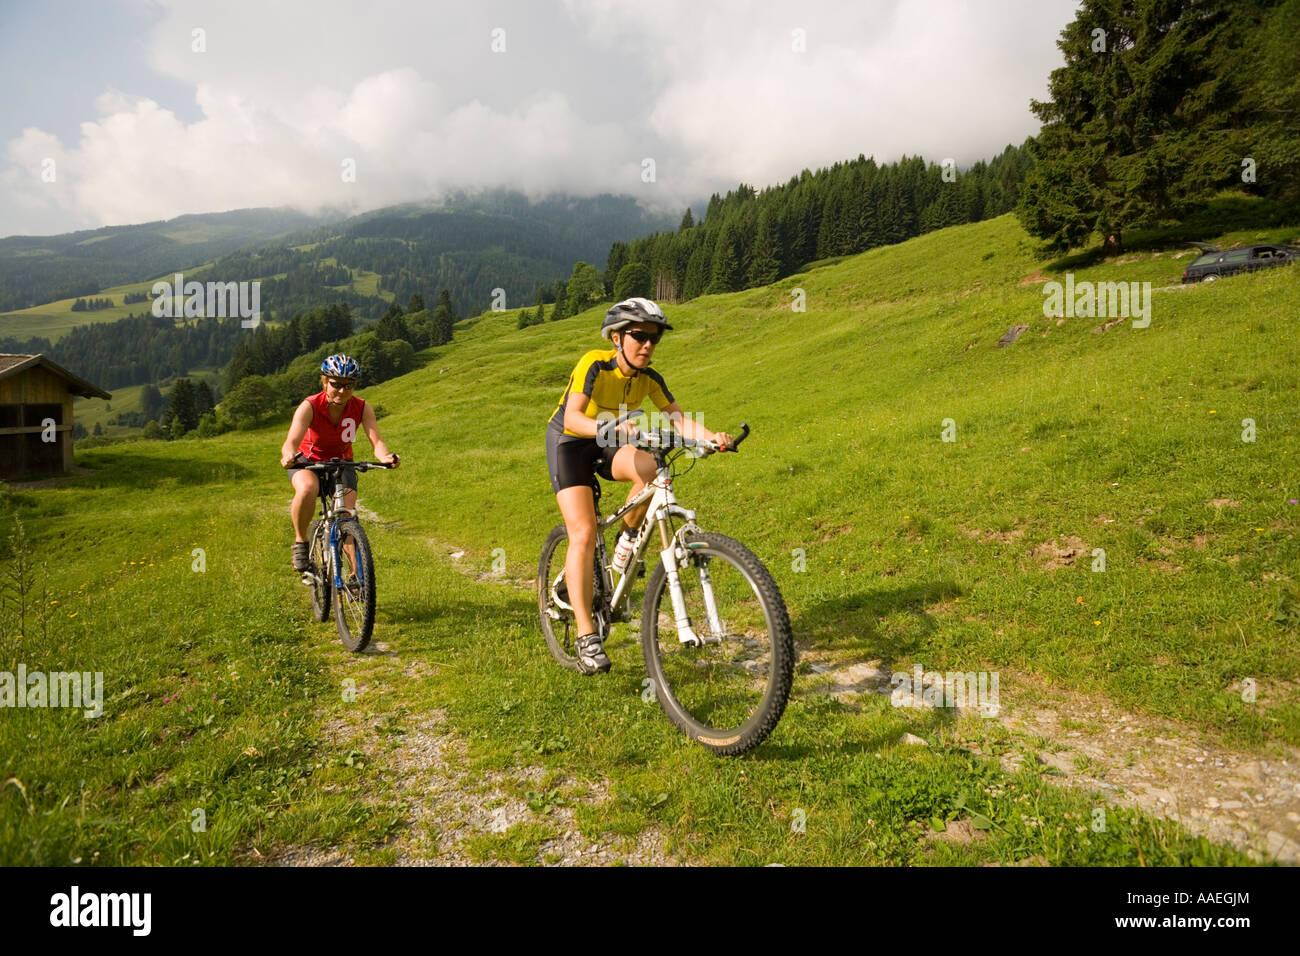 Two women riding mountain bikes Amoseralm Dorfgastein Gastein Valley Salzburg Austria - Stock Image